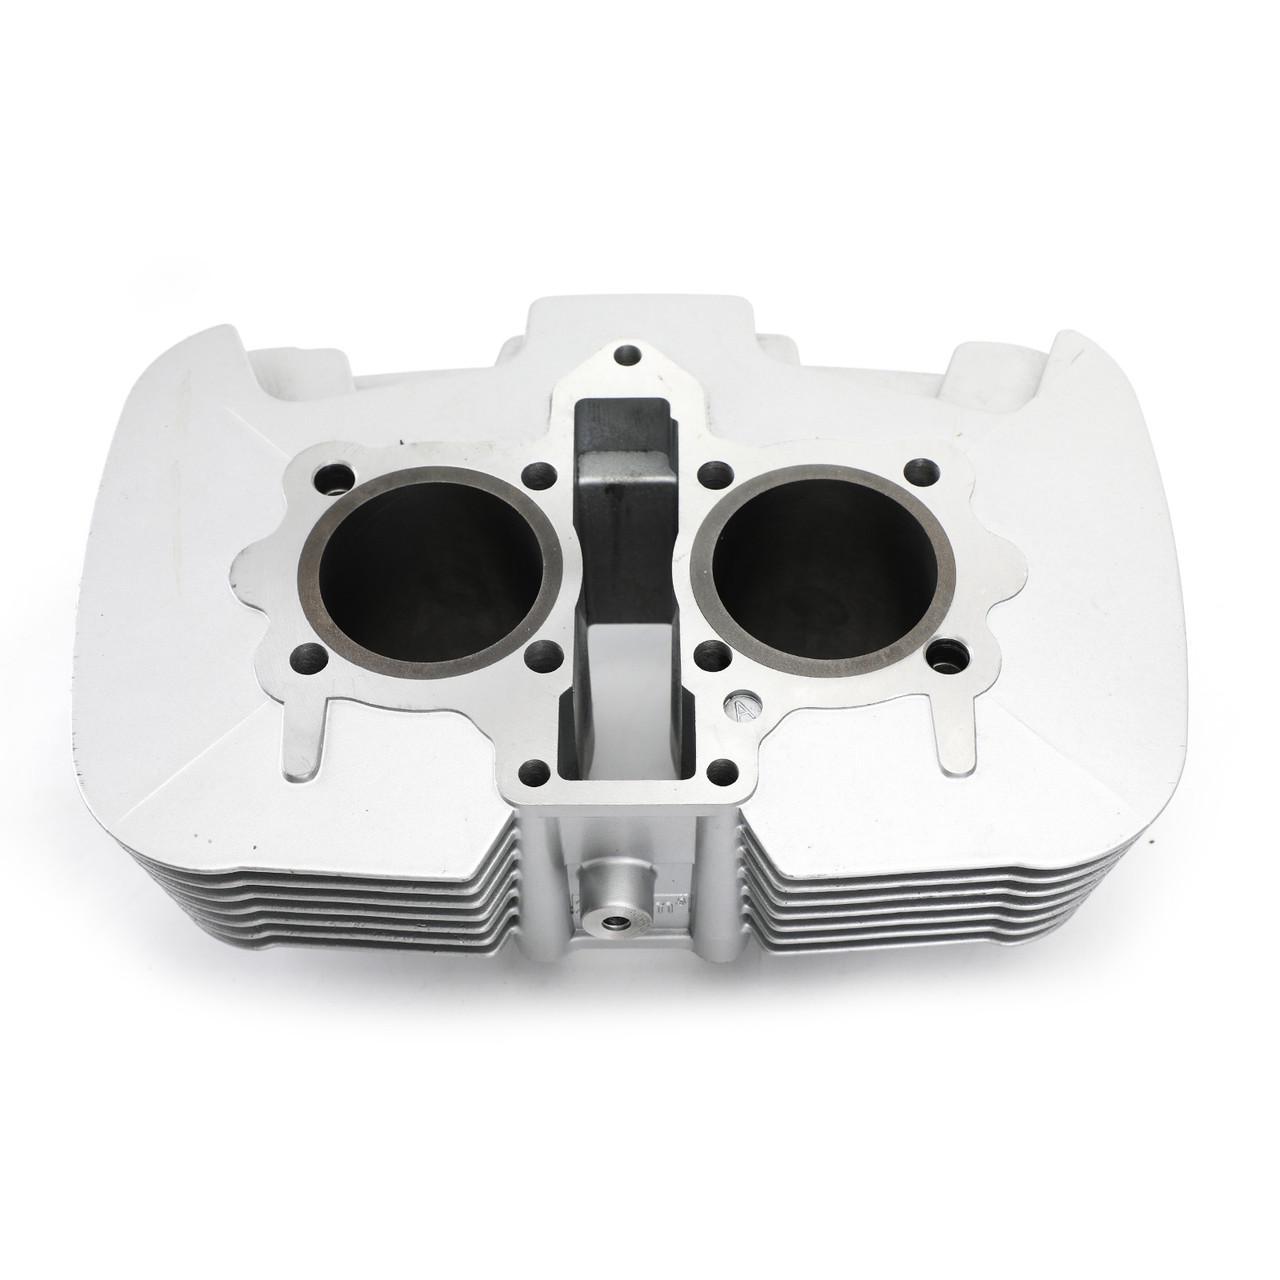 Cylinder Piston Gasket Kit 53mm Fit For Honda CA250 Rebel 250 96-11 CMX250C Rebel 250 96-15